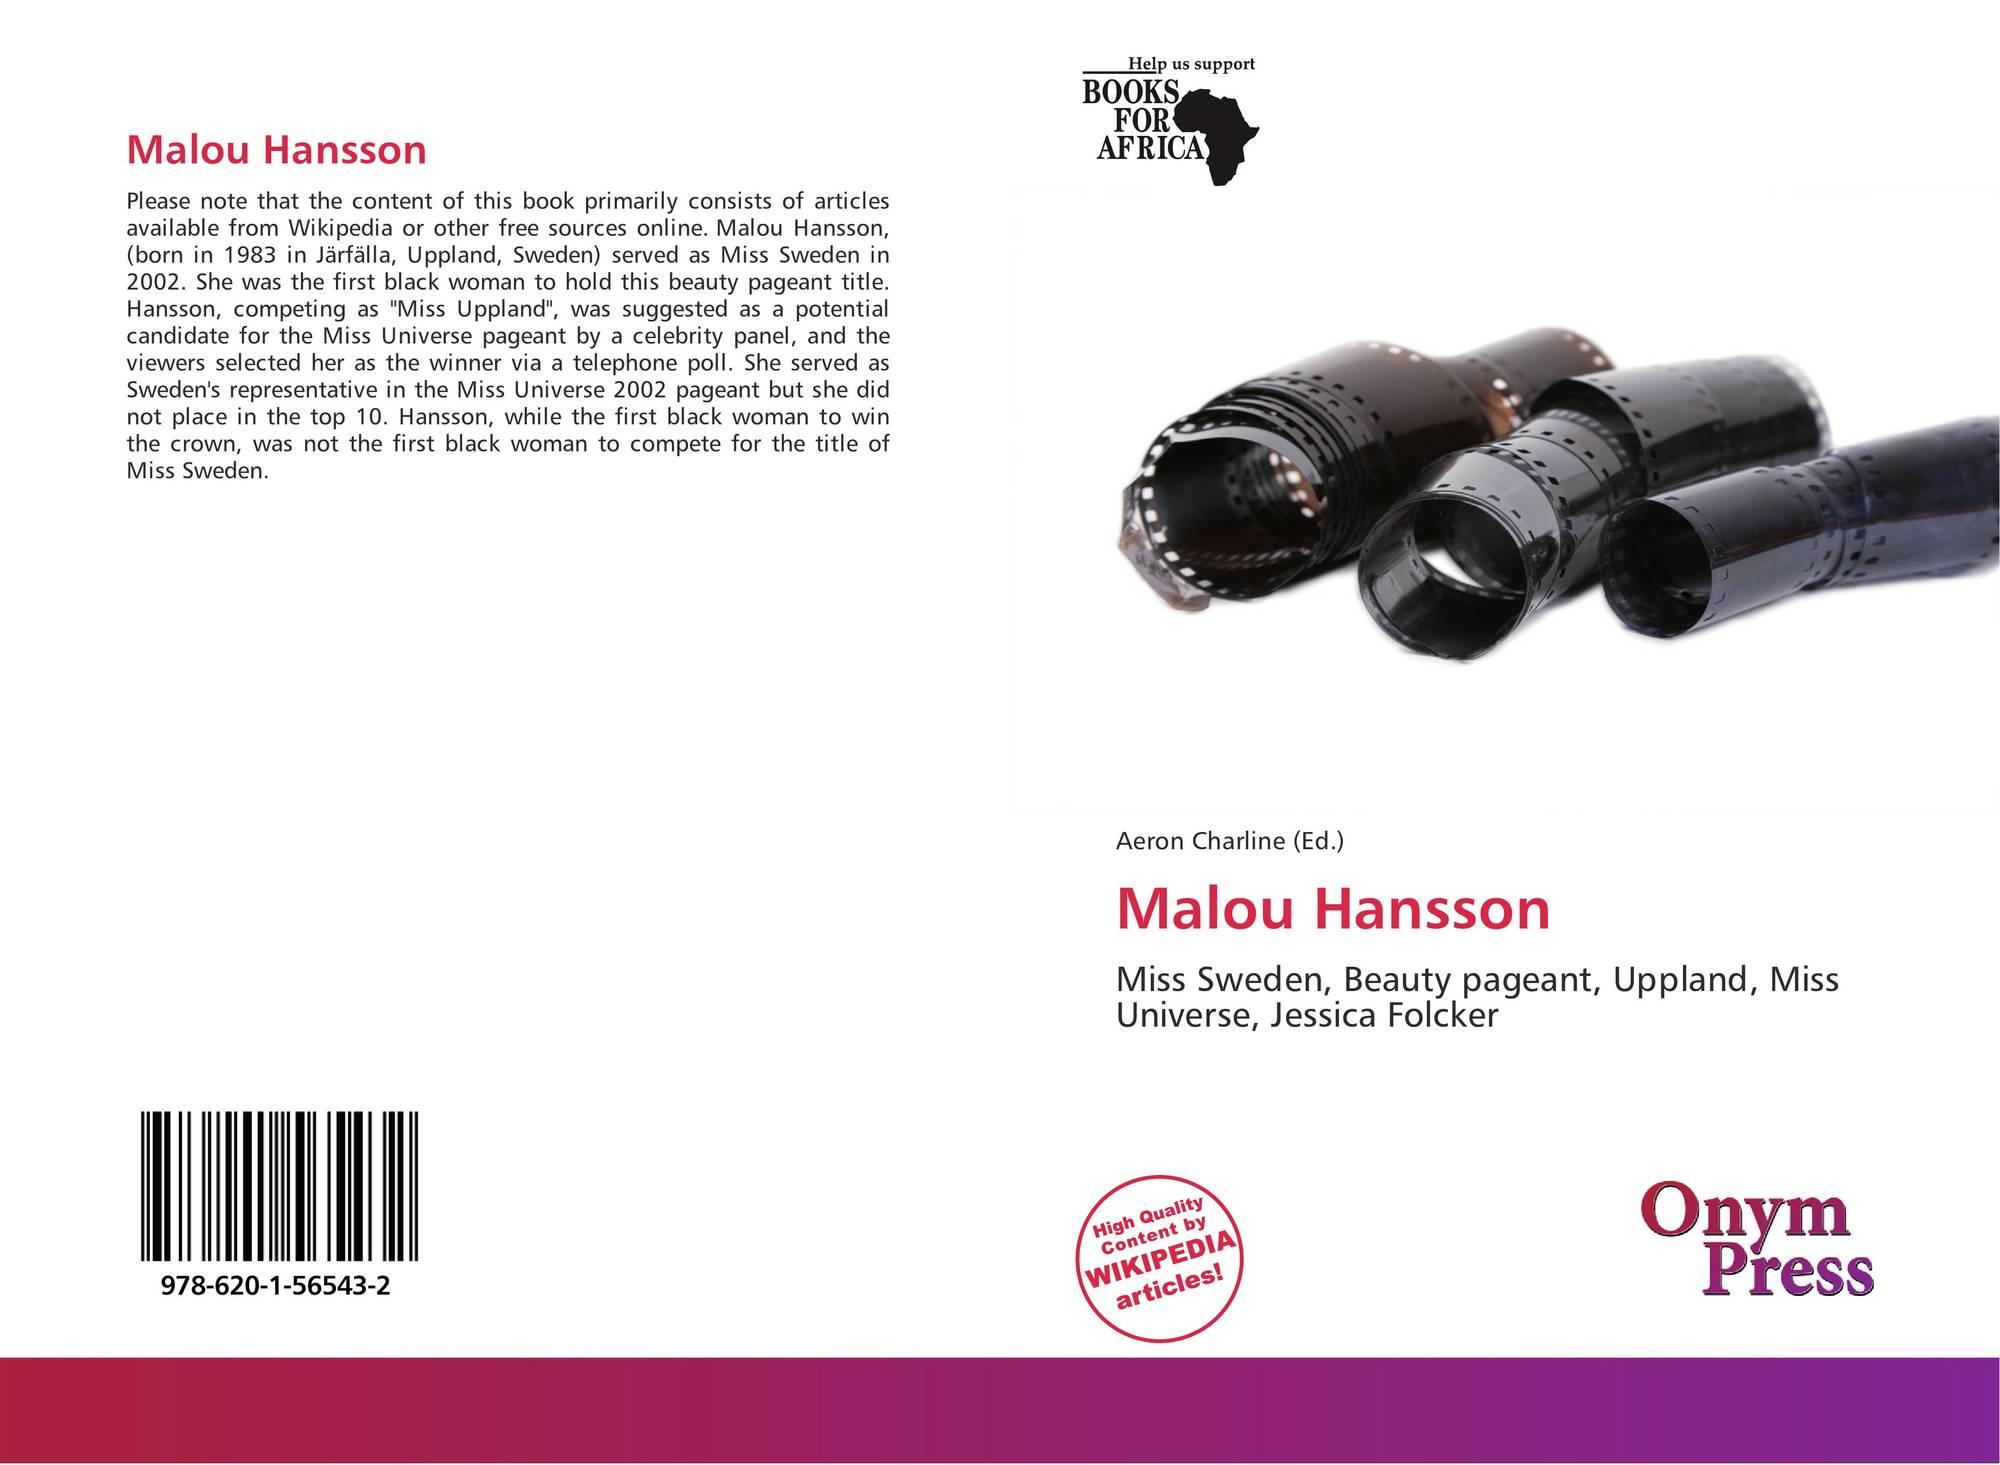 Malou: Malou Hansson, 978-620-1-56543-2, 6201565434 ,9786201565432